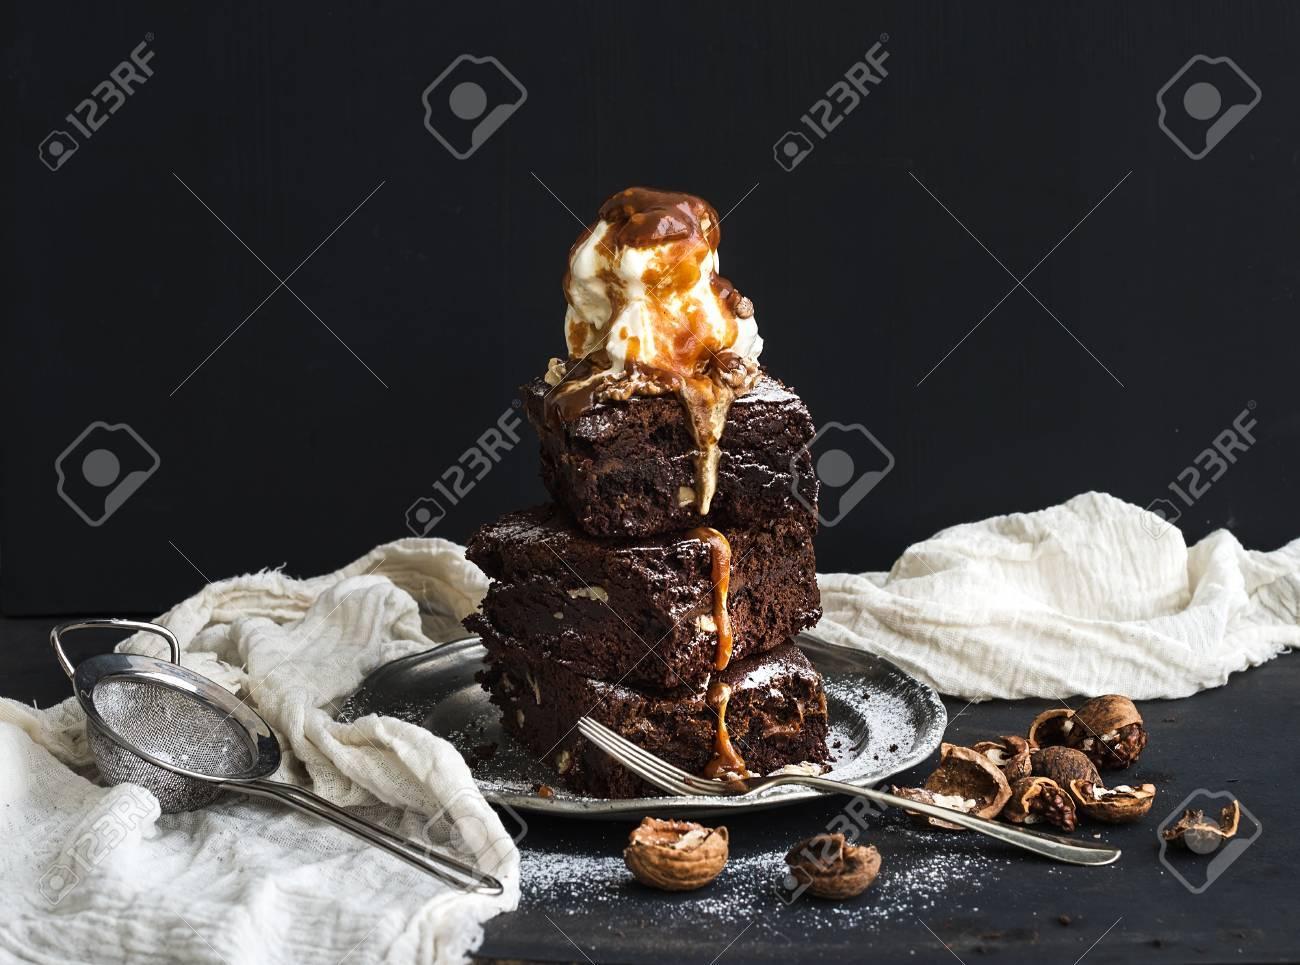 Awesome Fudgy Brownies Turm Mit Gesalzenem Karamell, Walnüssen Und Eis Auf Vintage  Metallplatte. Dunklen Hintergrund